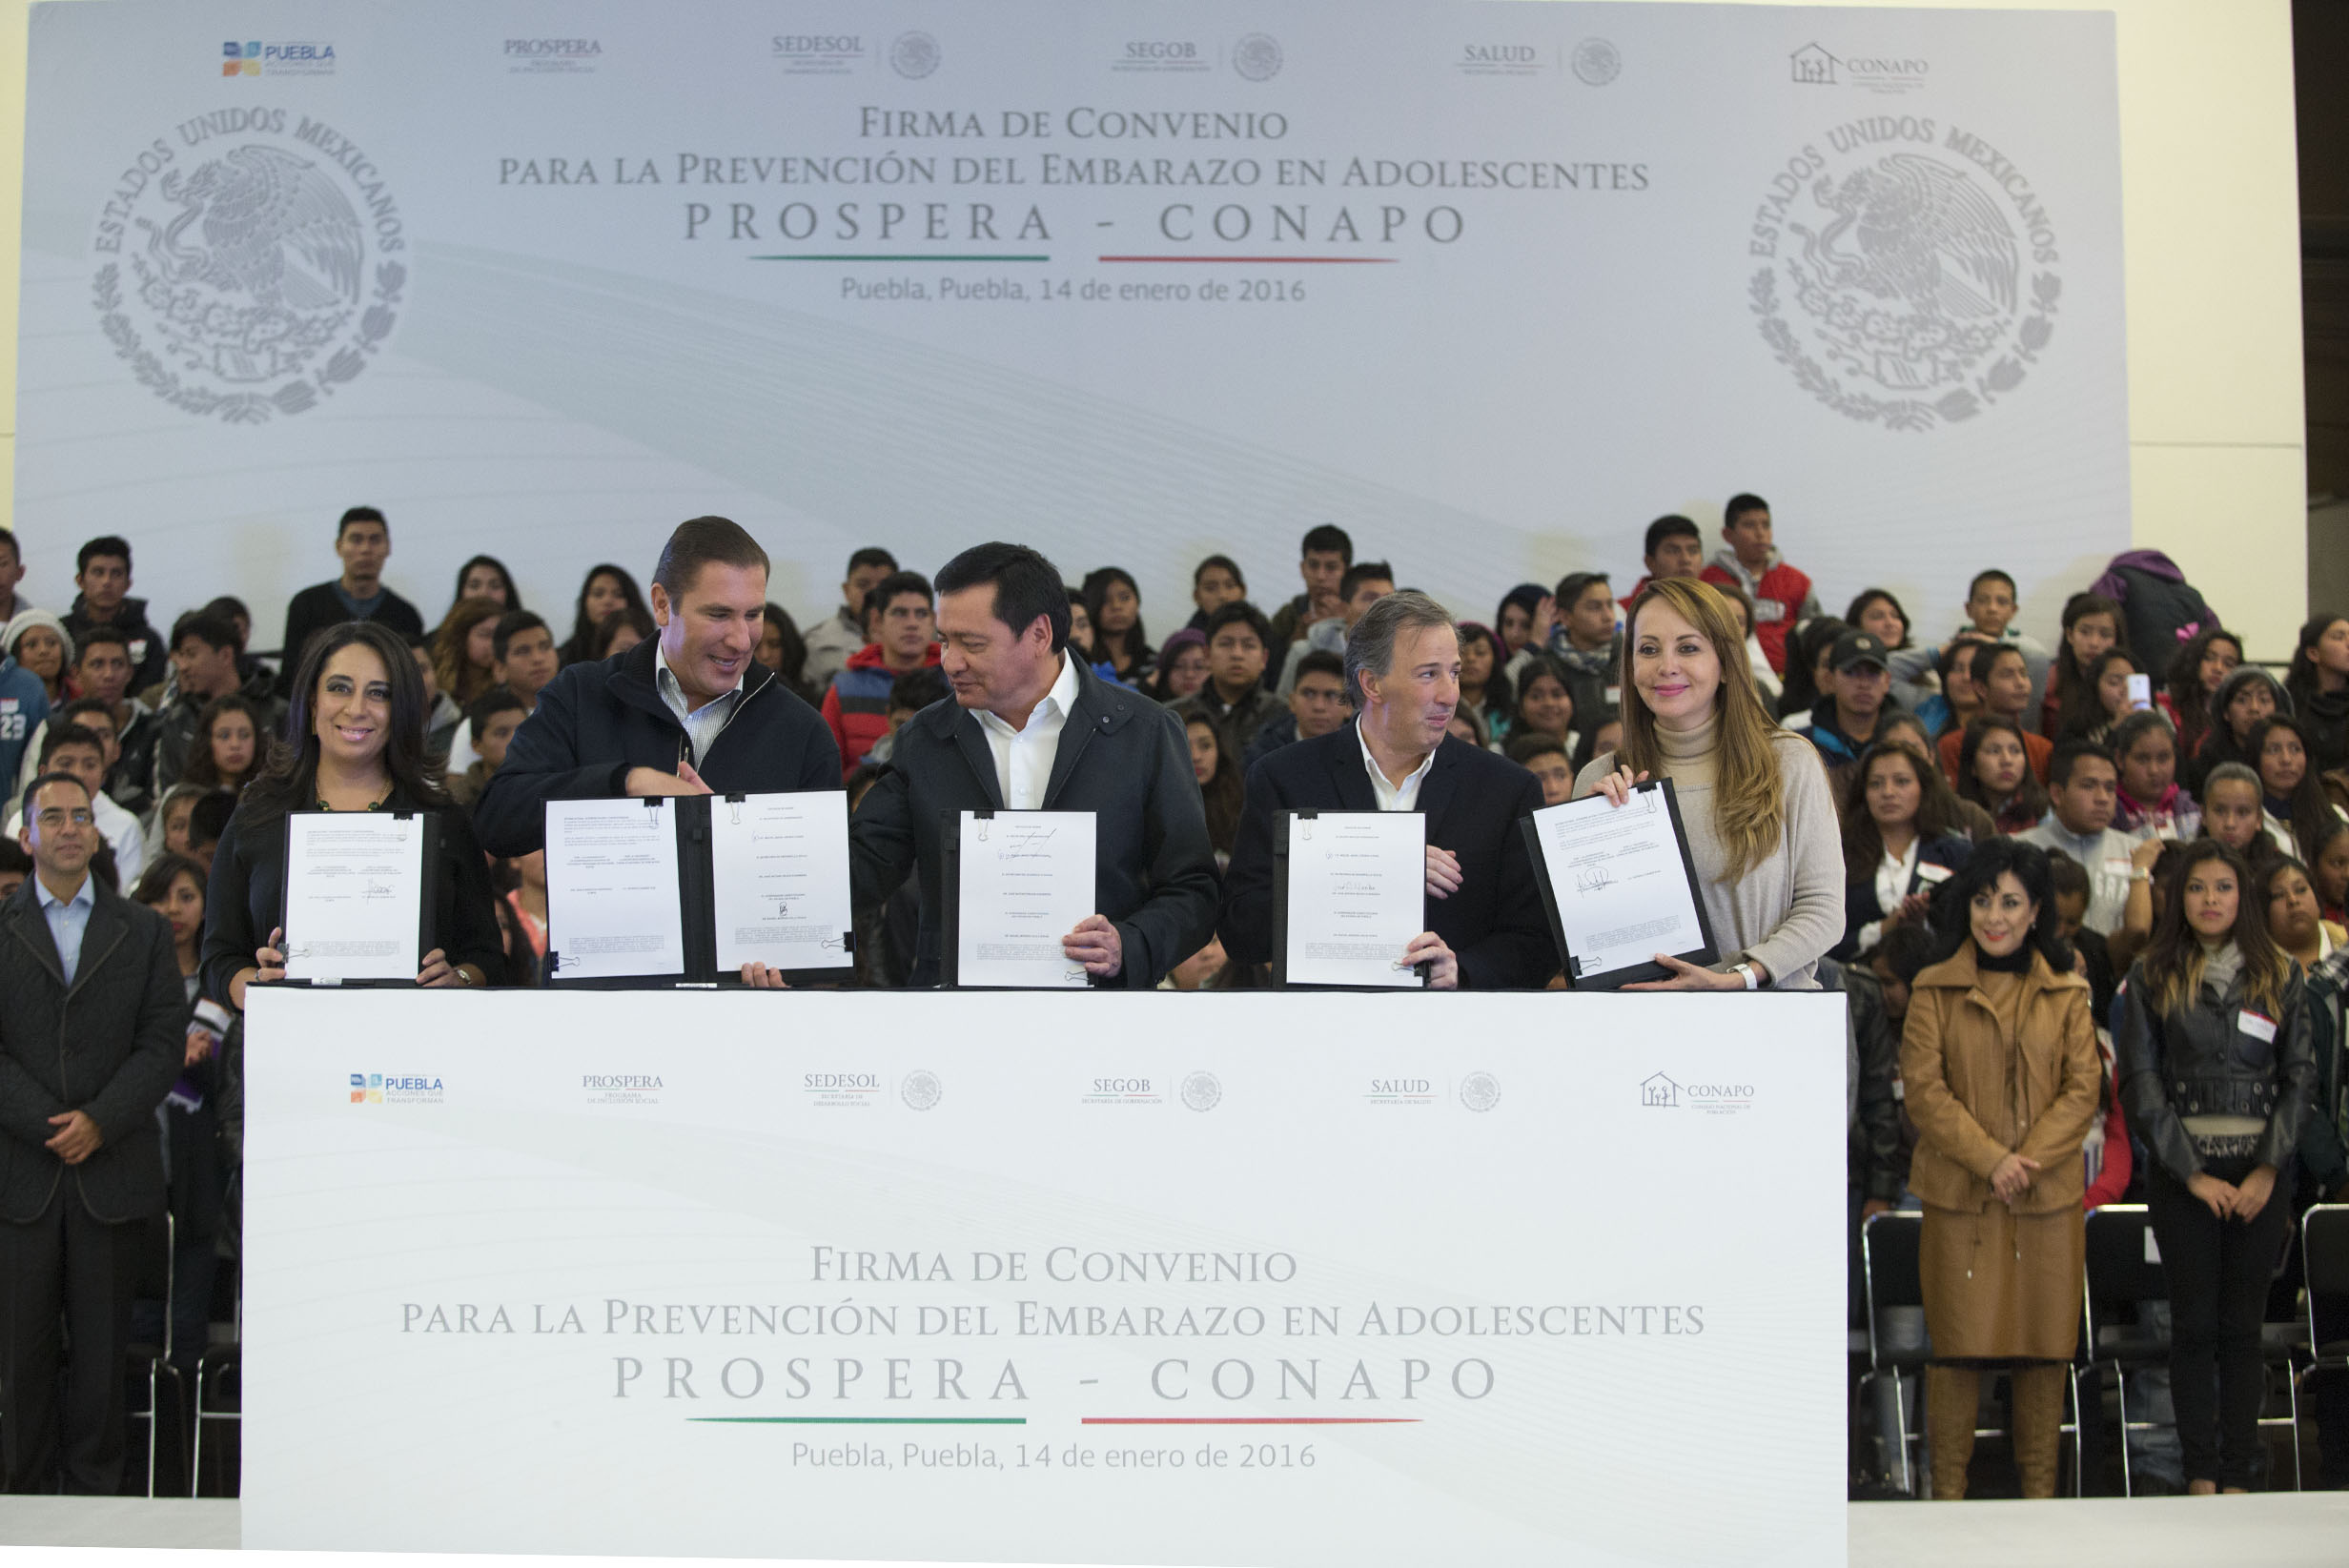 Firma de Convenio para la Prevención del Embarazo en Adolescentes Prospera-CONAPO